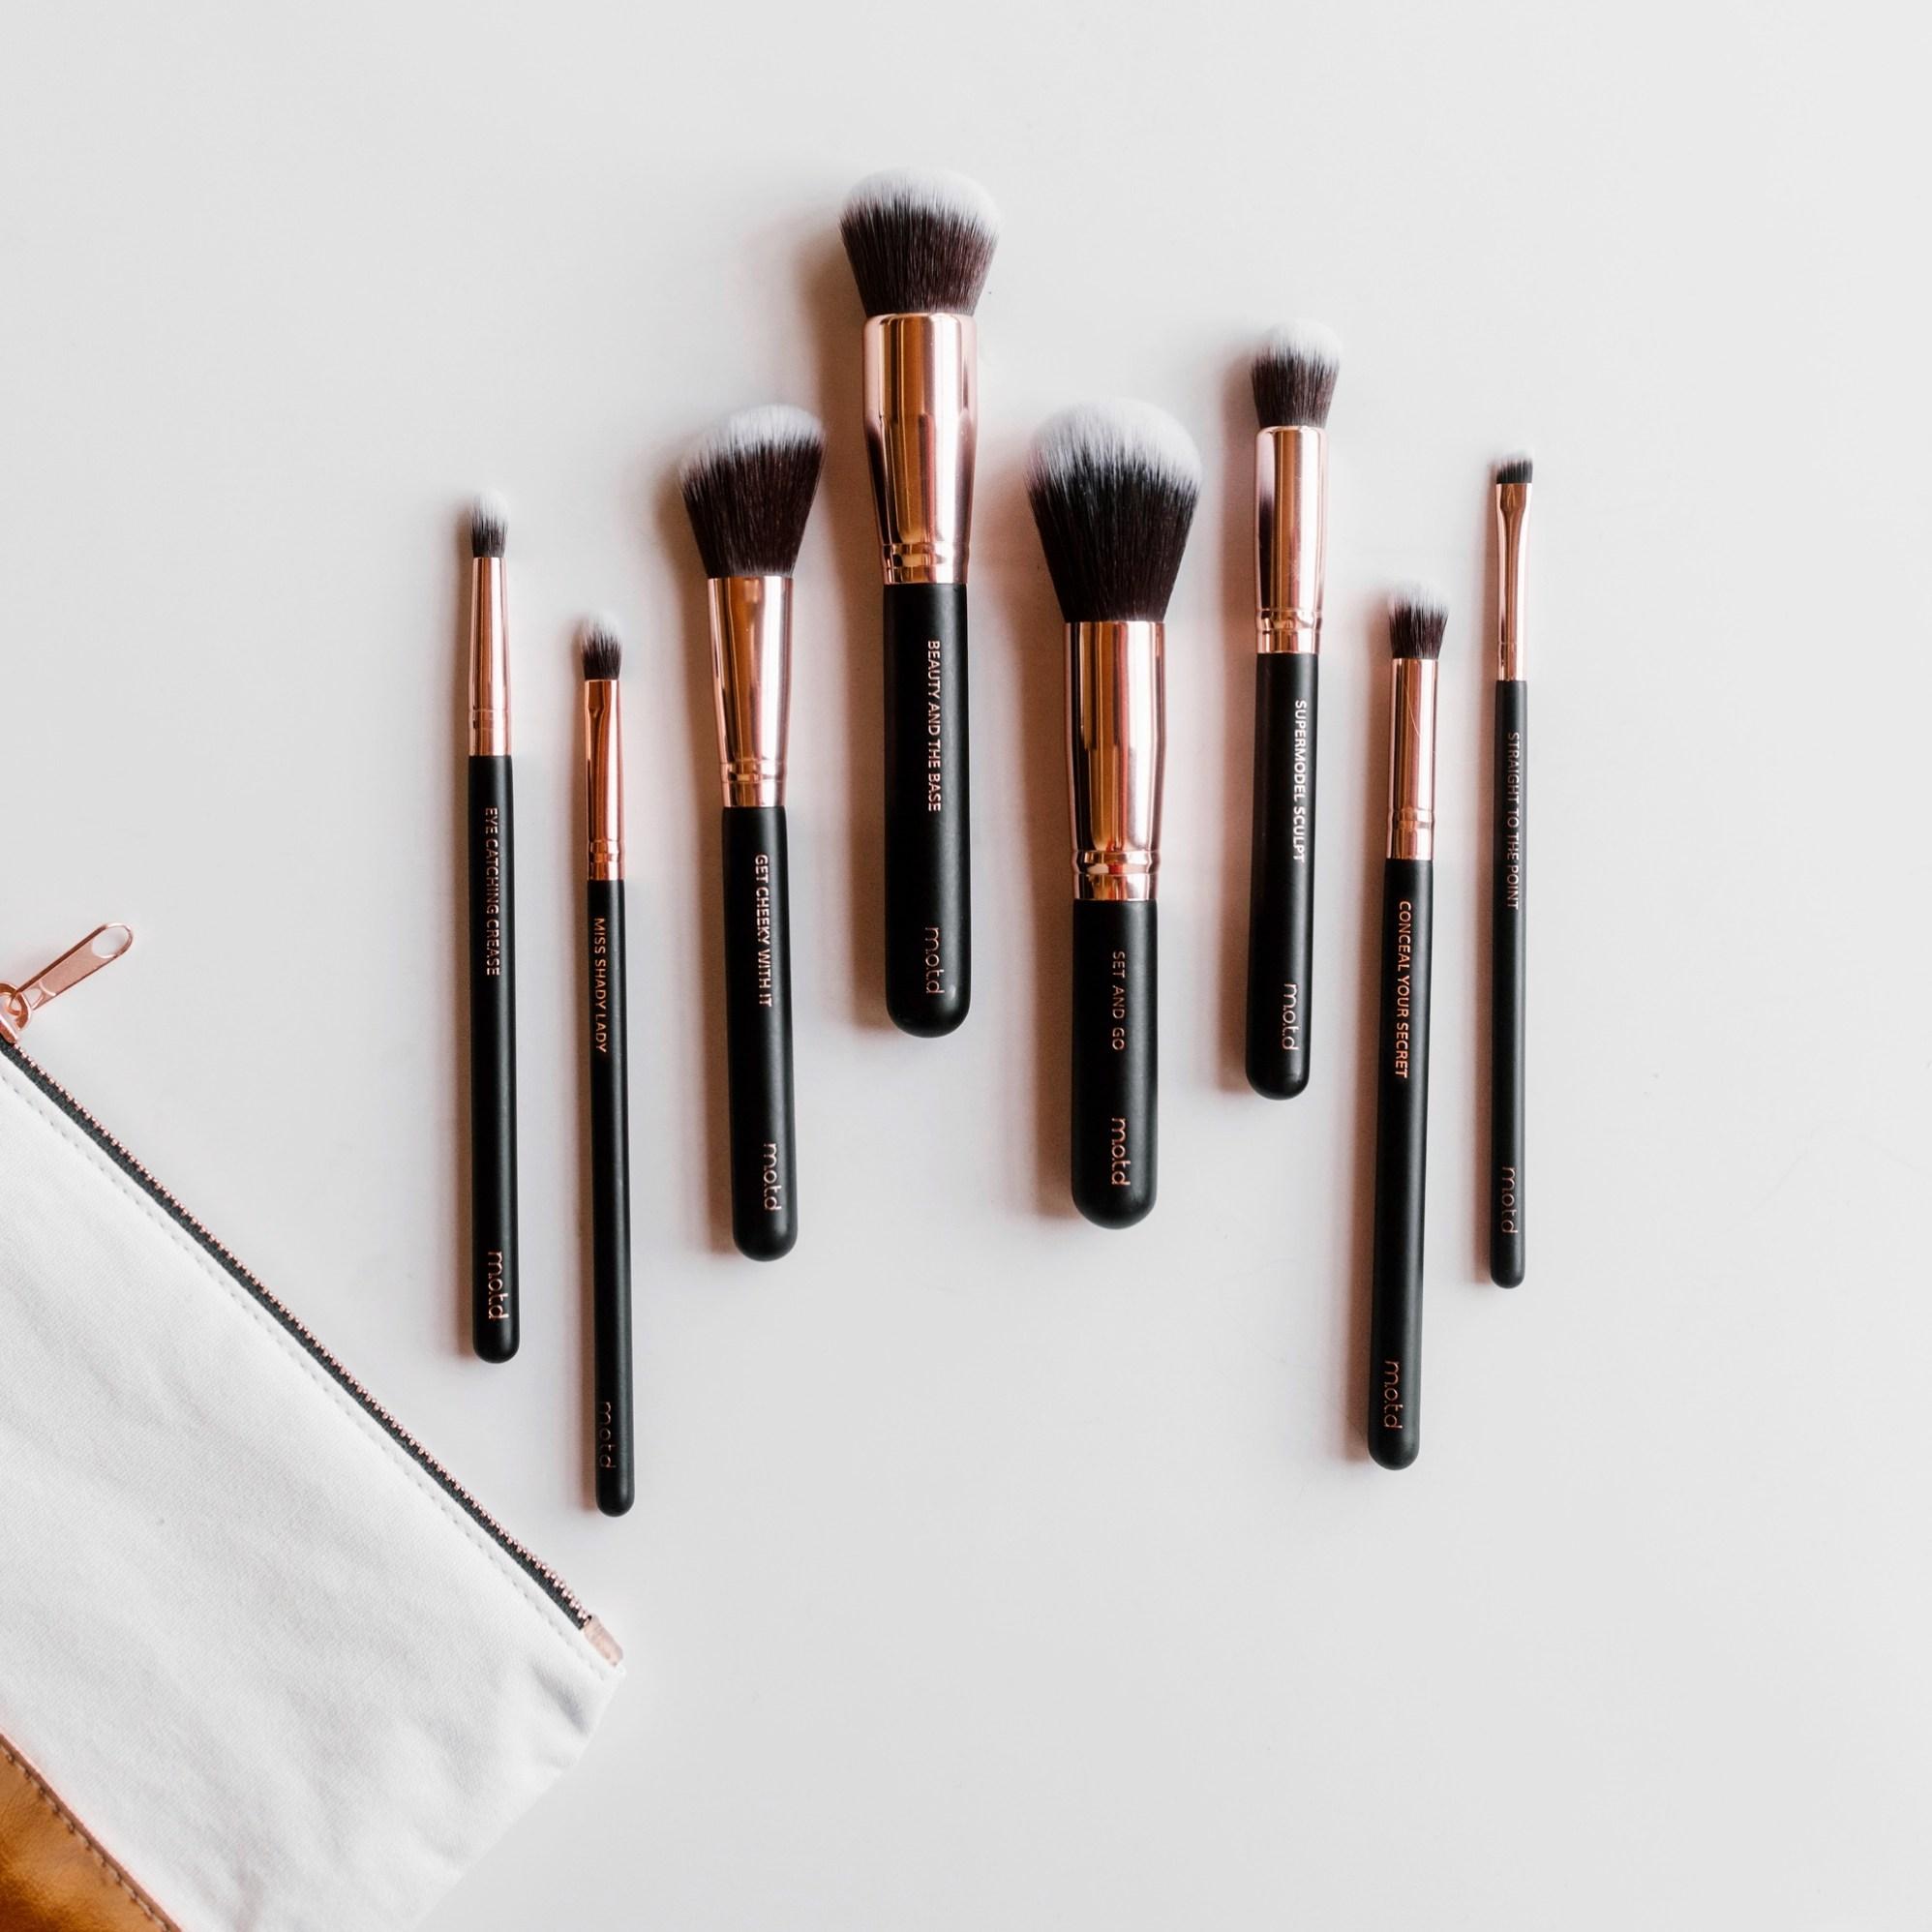 Lux-Vegan-Makeup-Brush-Essentials-Bag-Edit.jpg